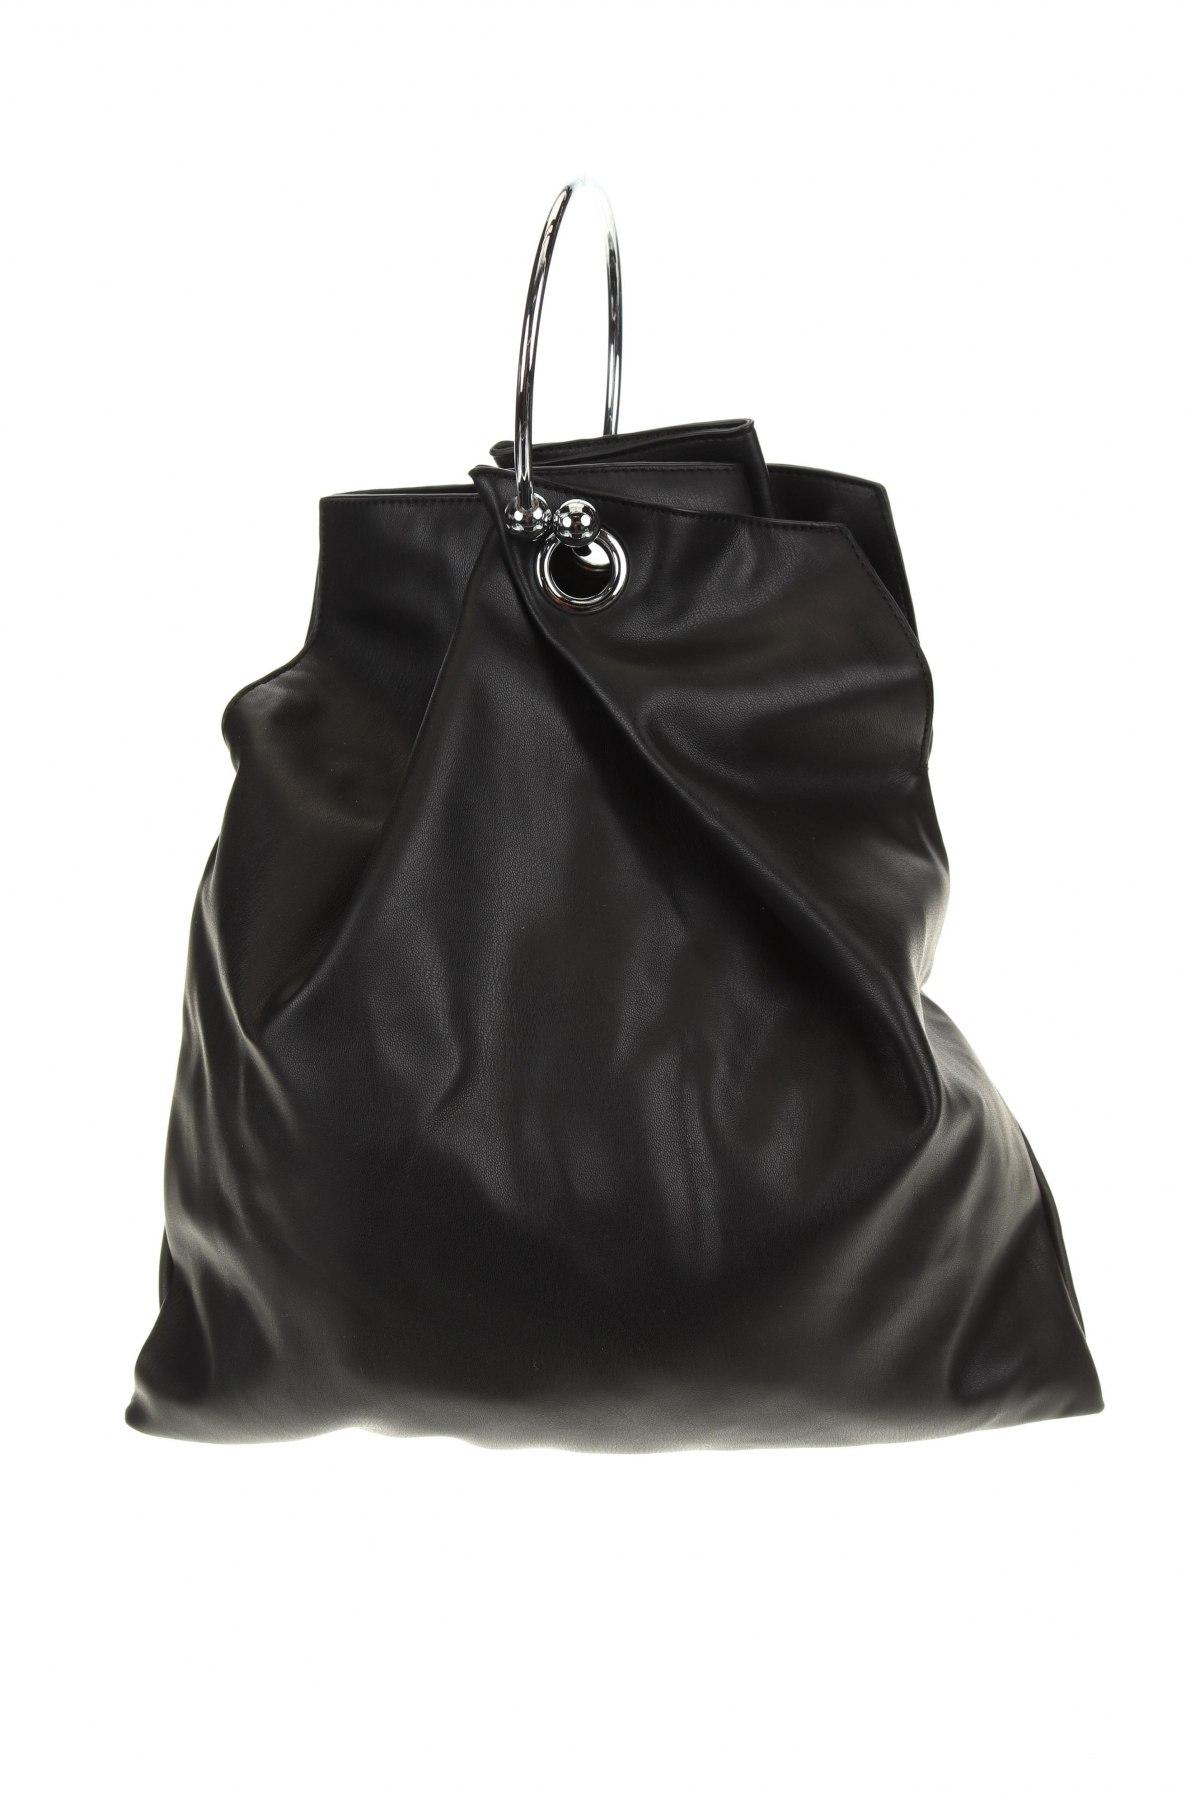 Дамска чанта Reserved, Цвят Черен, Еко кожа, Цена 29,67лв.